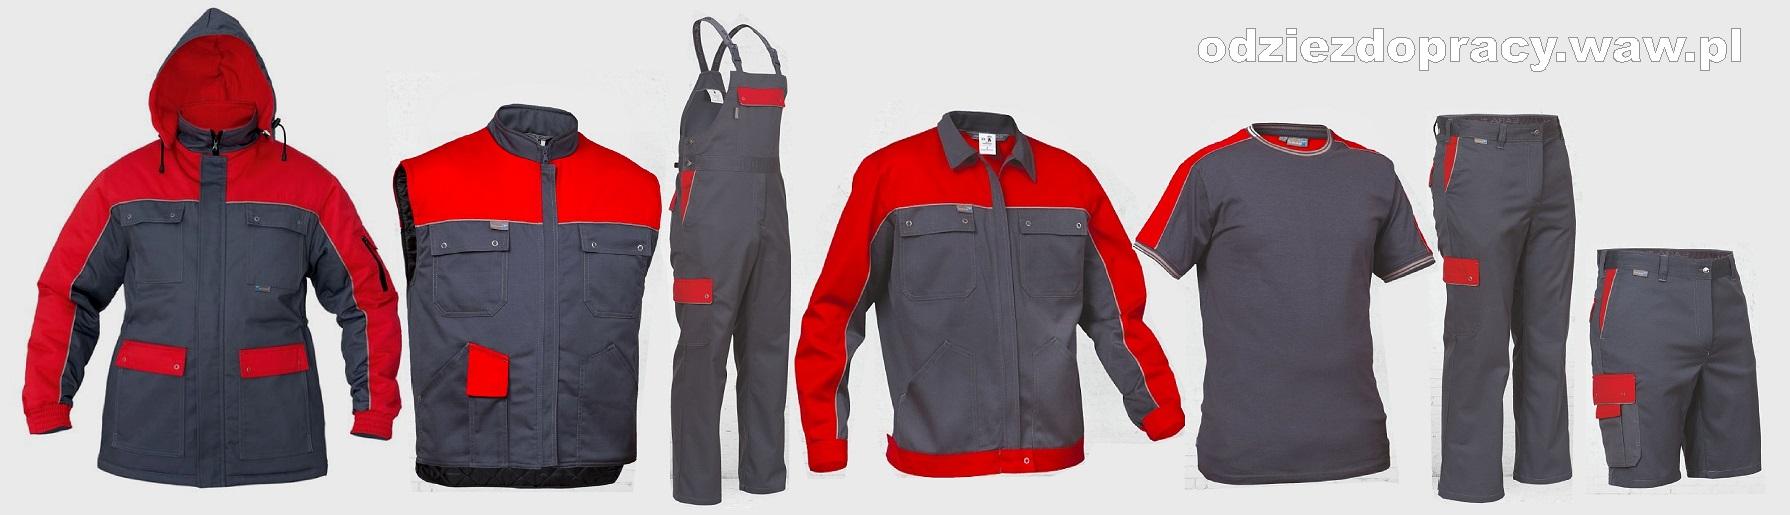 005074e879 Kolekcja STERNIK uniwersalne ubrania robocze wysokiej jakości. Sklep z odzieżą  roboczą ...